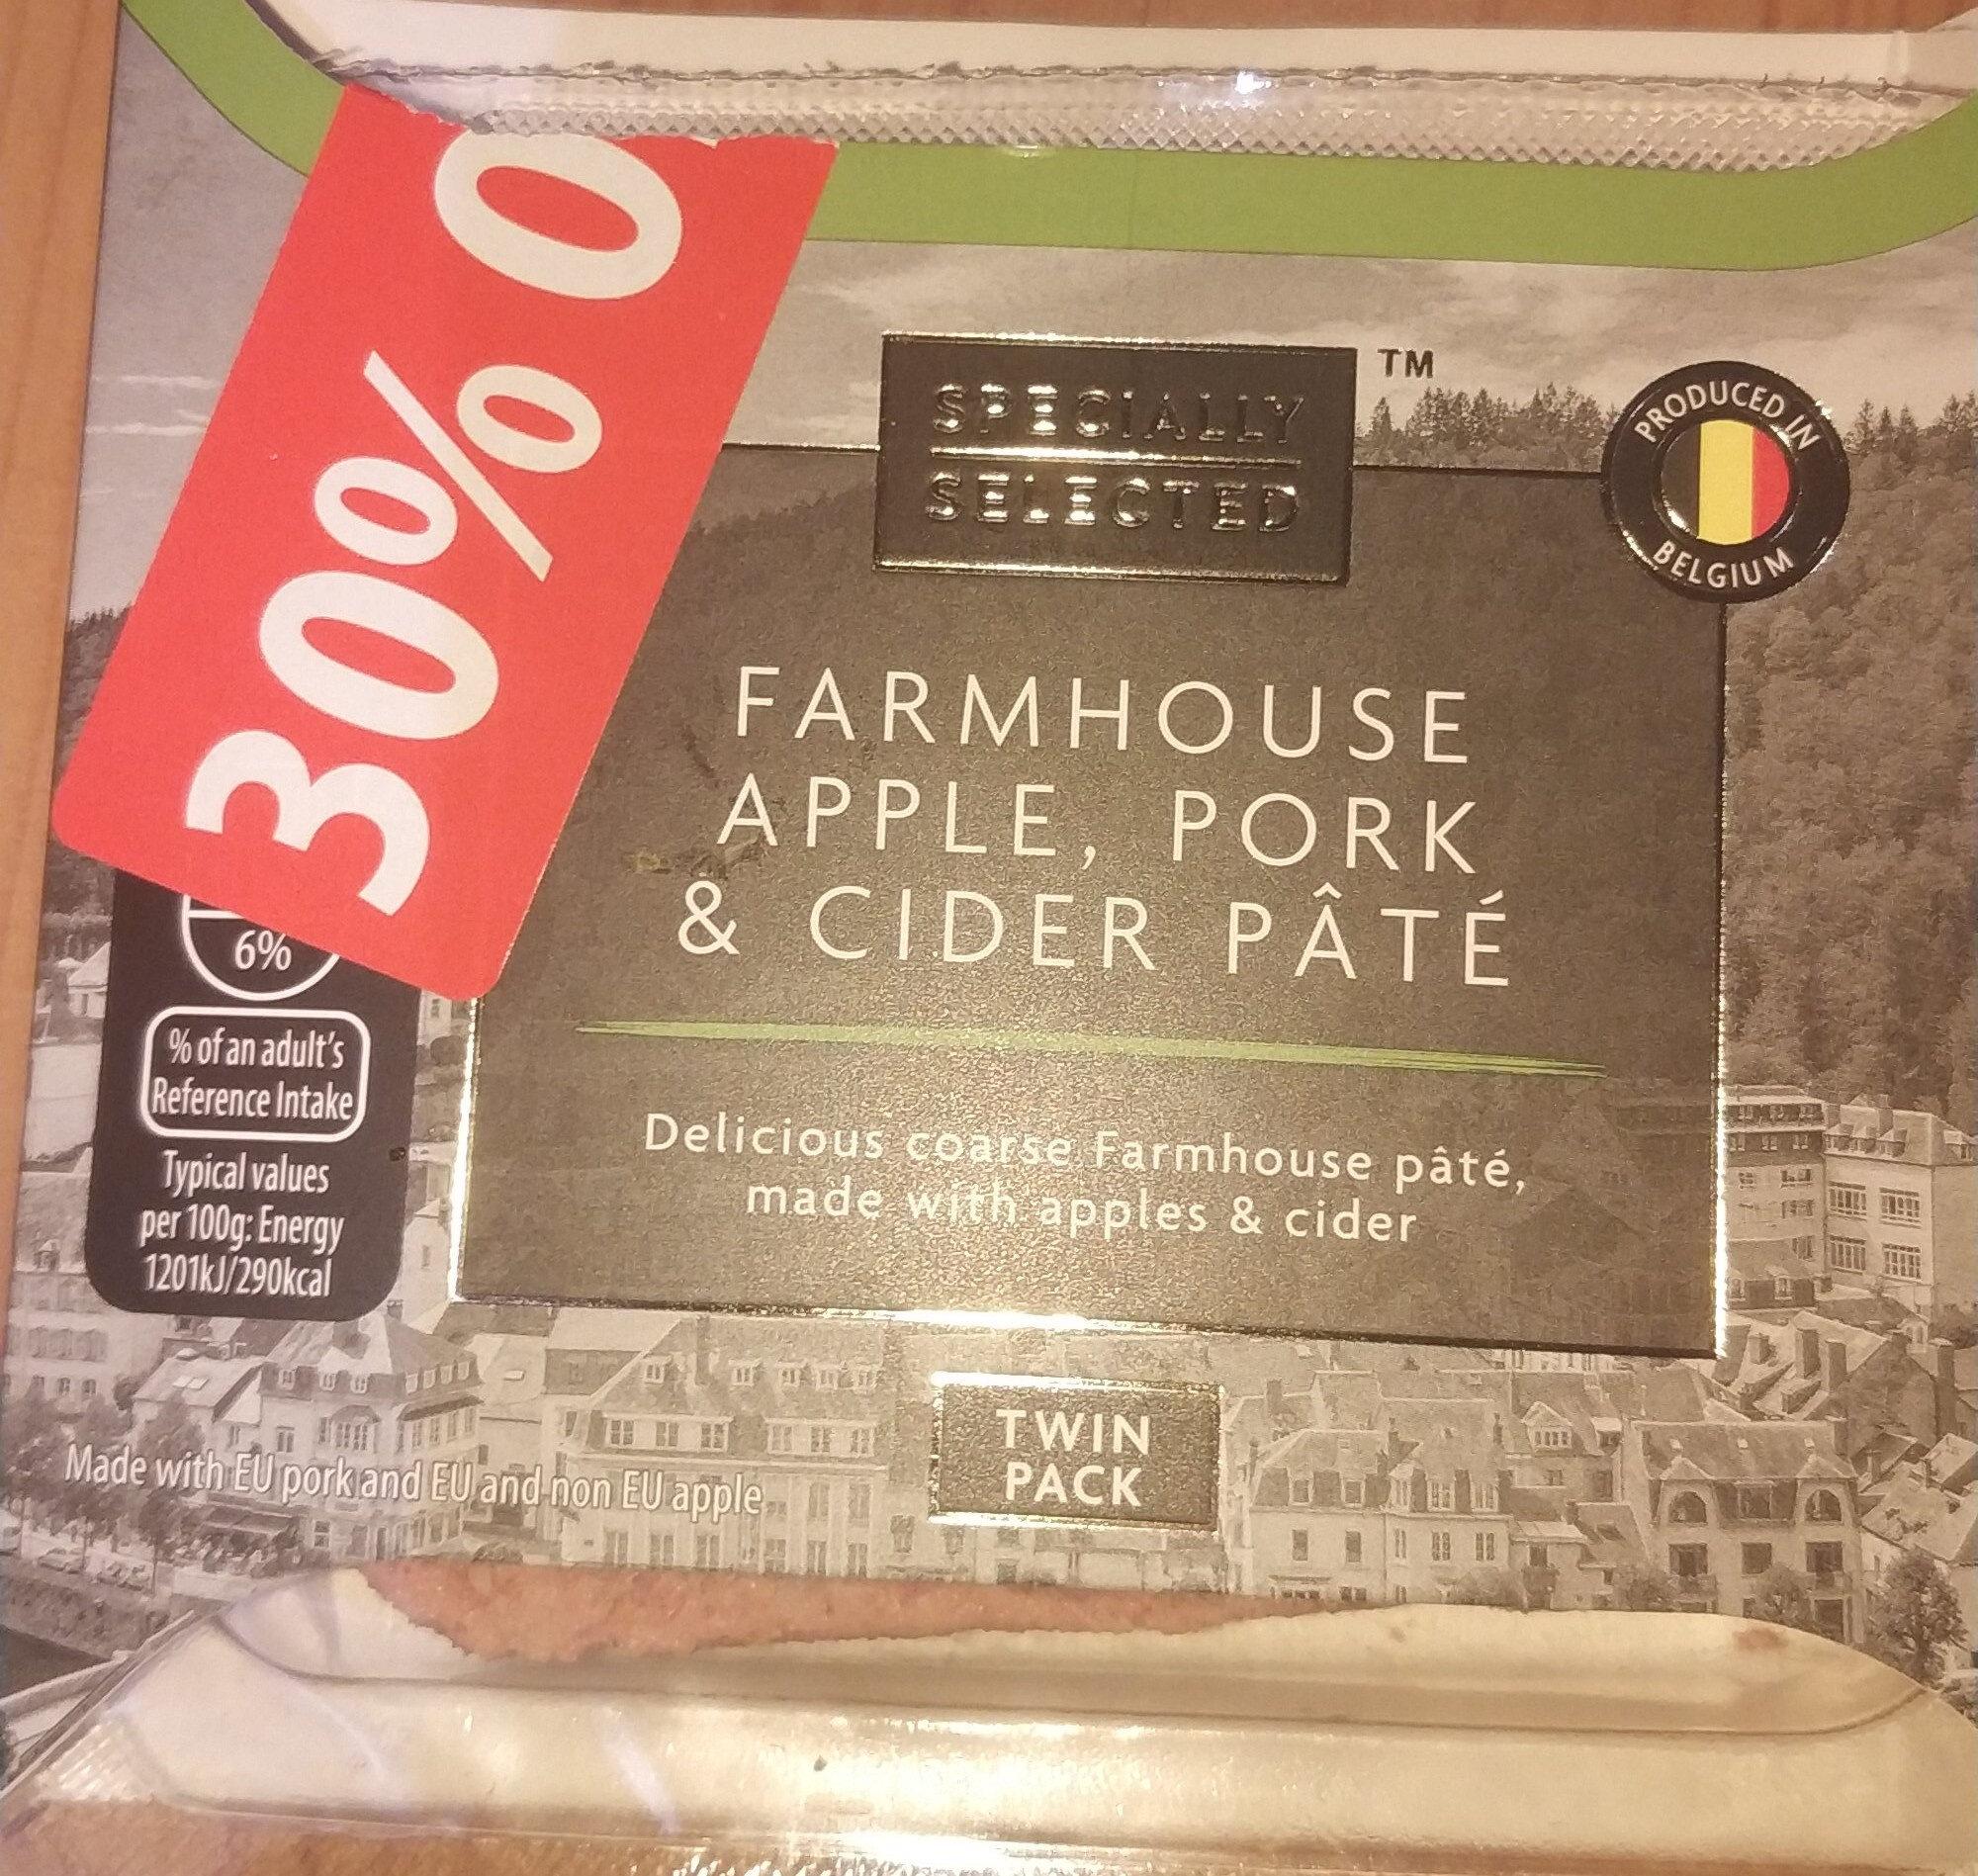 farmhouse apple, pork & cider pâté - Product - en